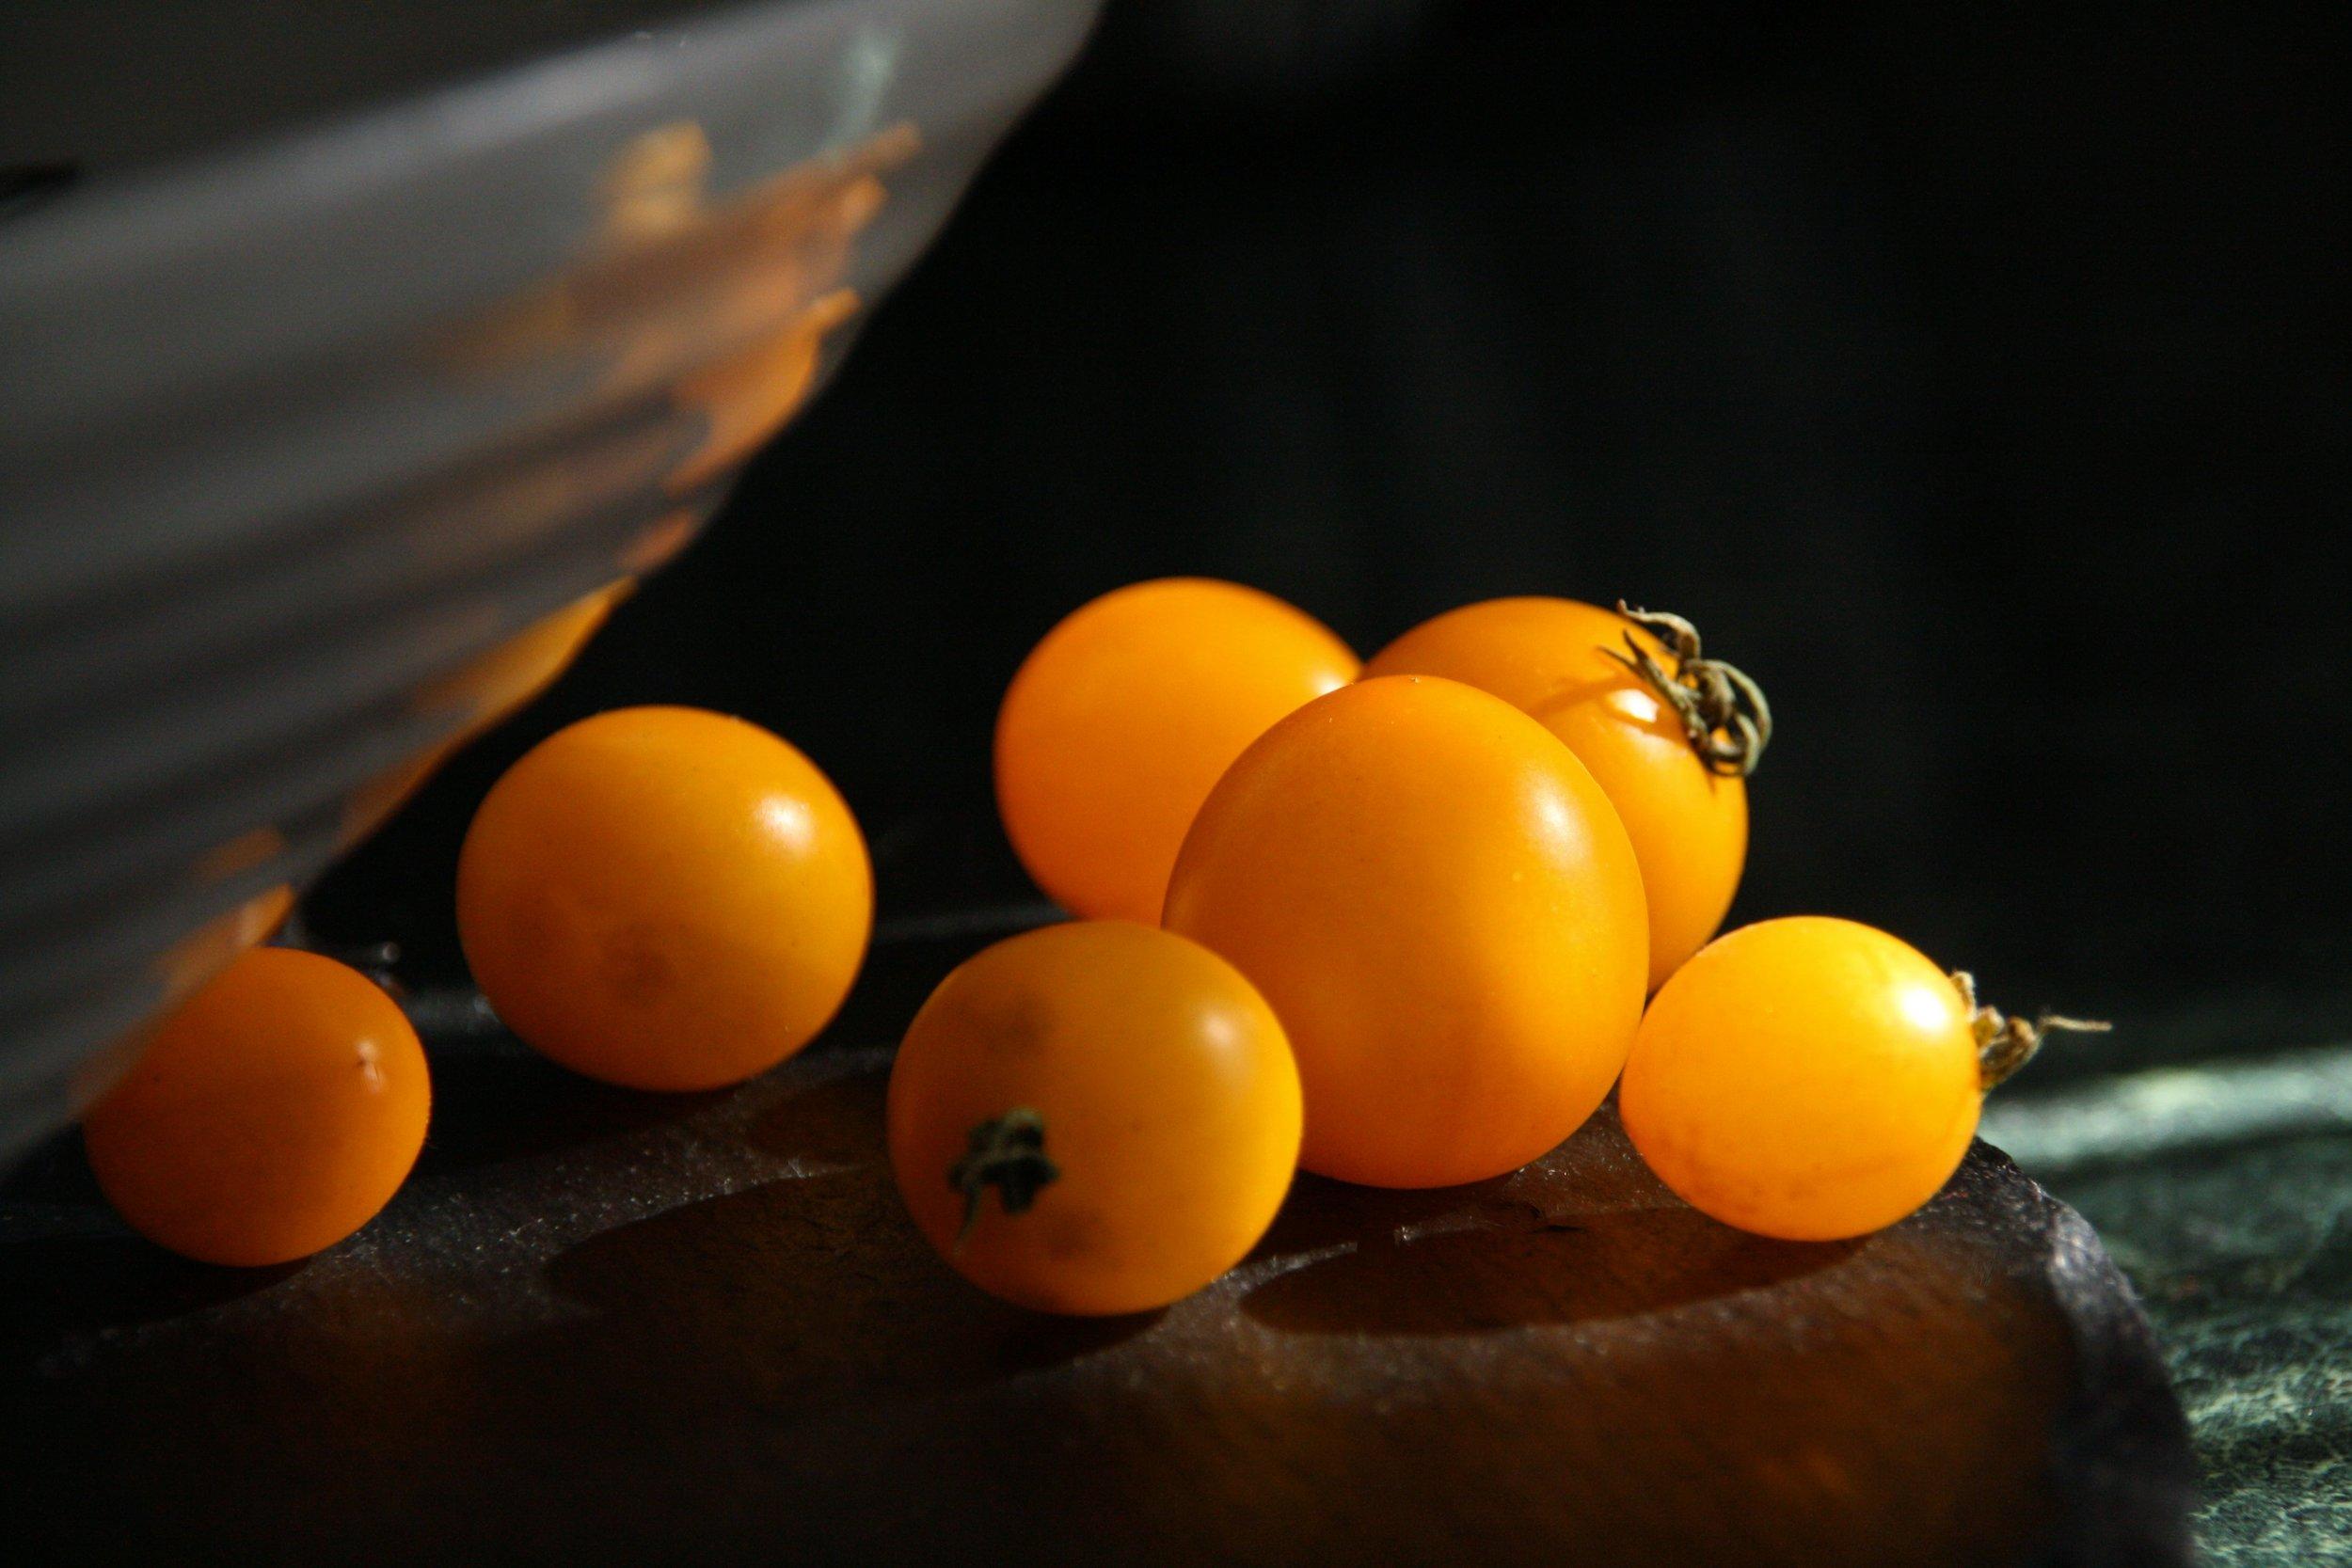 vermeer, tomatoes, tomato,